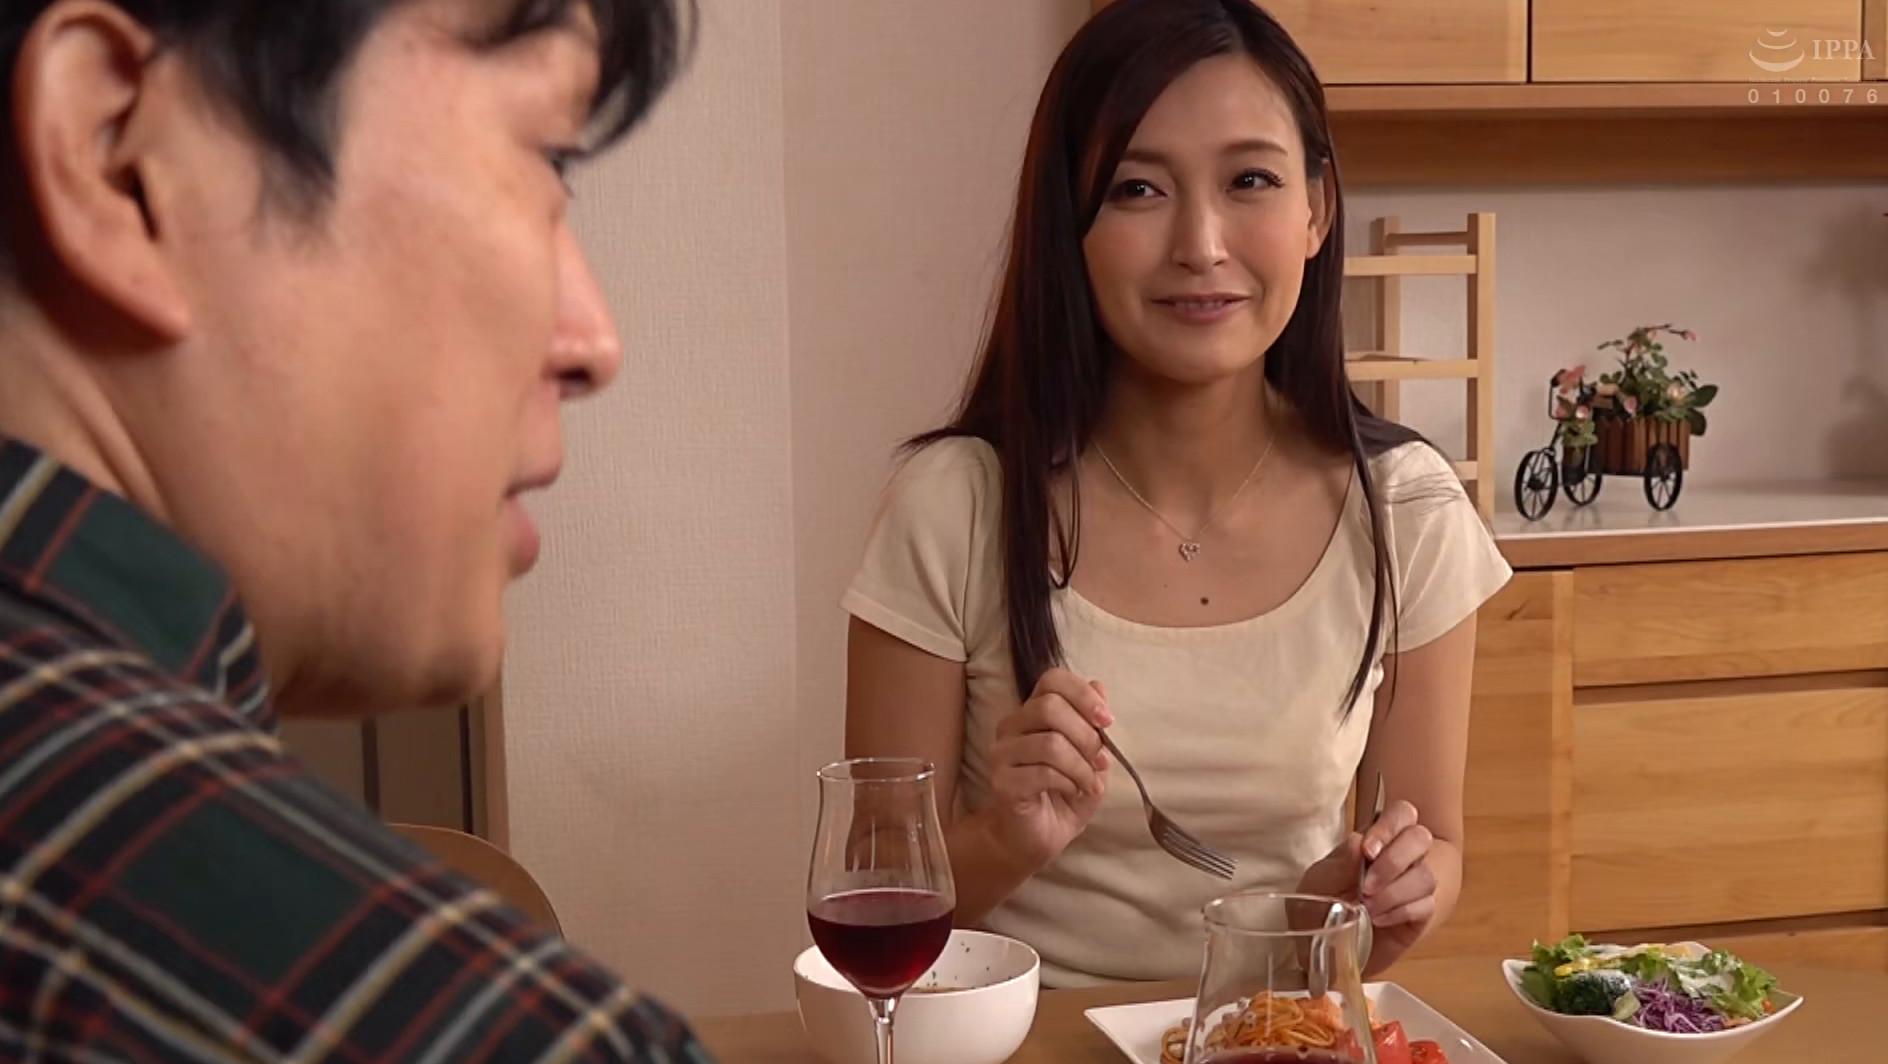 お義母さん、にょっ女房よりずっといいよ・・・ 並木塔子,のサンプル画像2